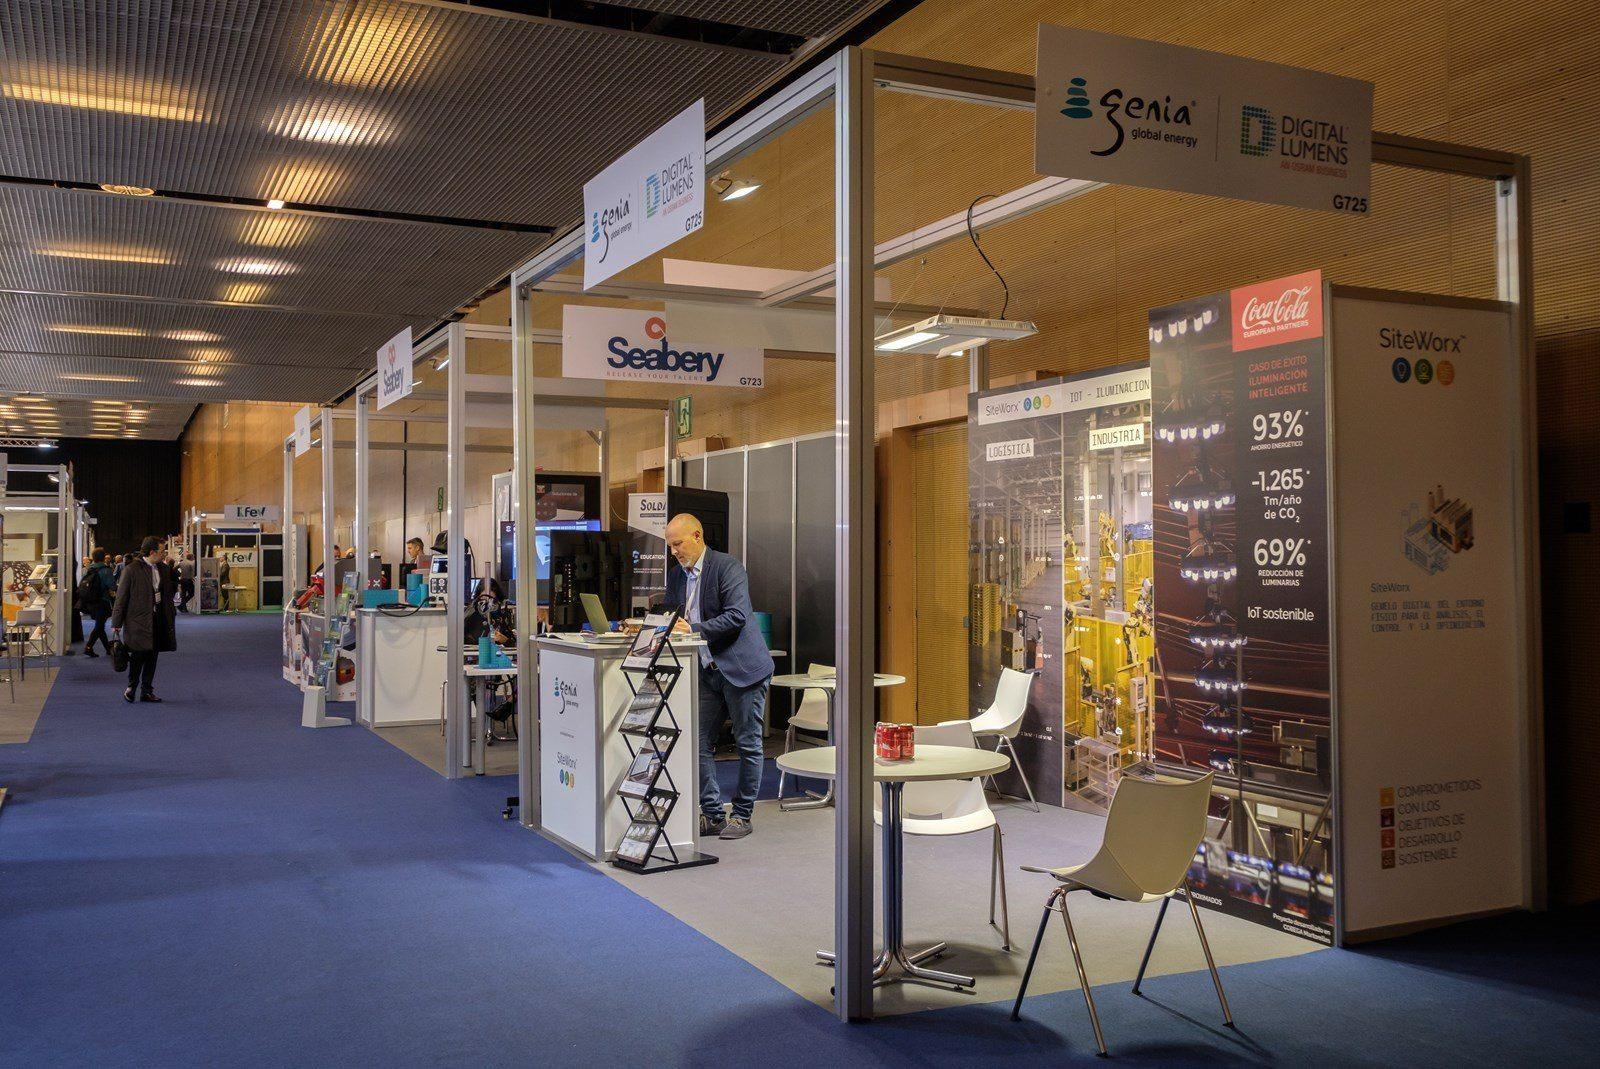 Genia Global Energy en Advanced Factories industyria 4.0